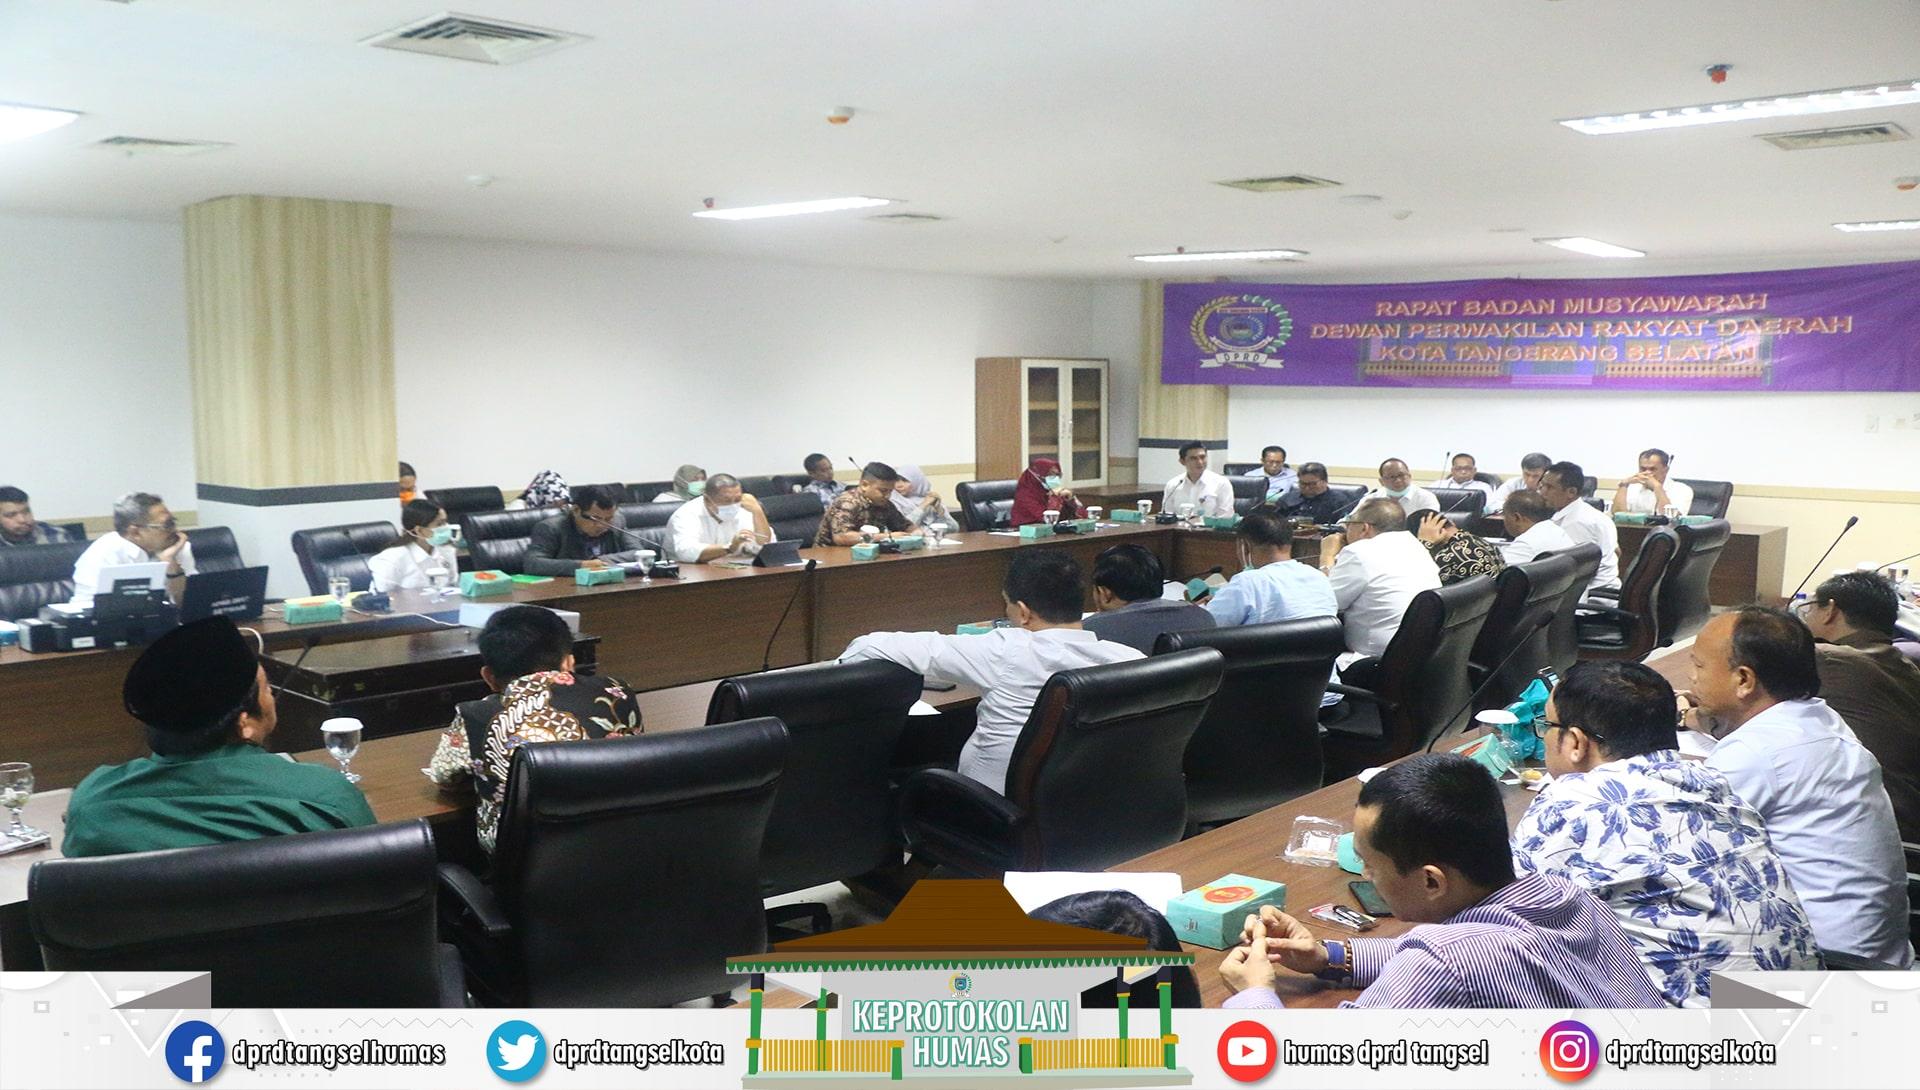 DPRD Tangsel mengadakan Rapat terkait Virus Corona (Covid-19)